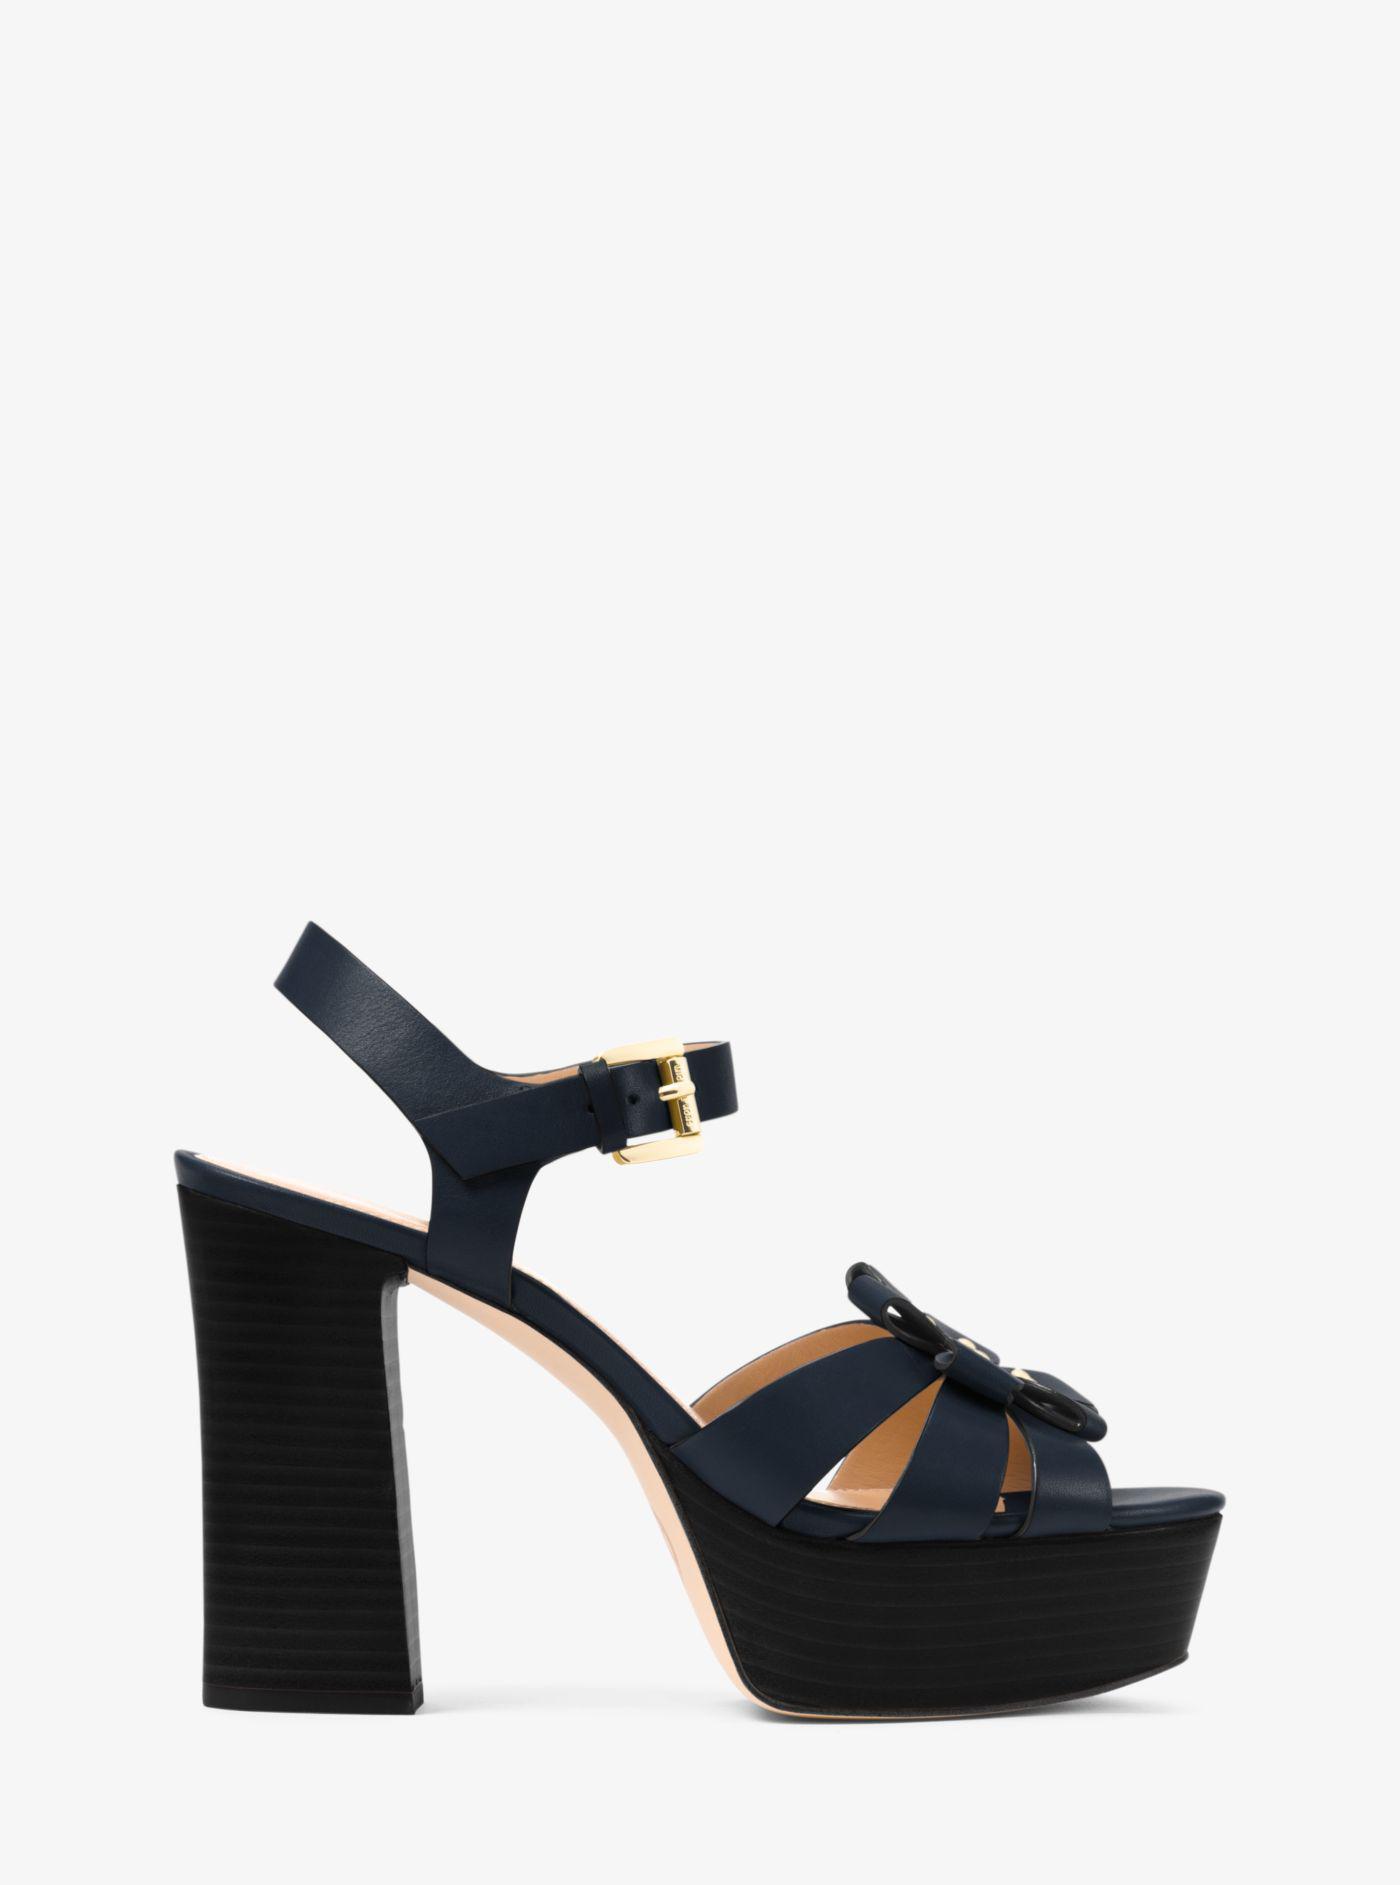 587de0ae068 Lyst - Michael Kors Tara Floral Embellished Leather Platform Sandal